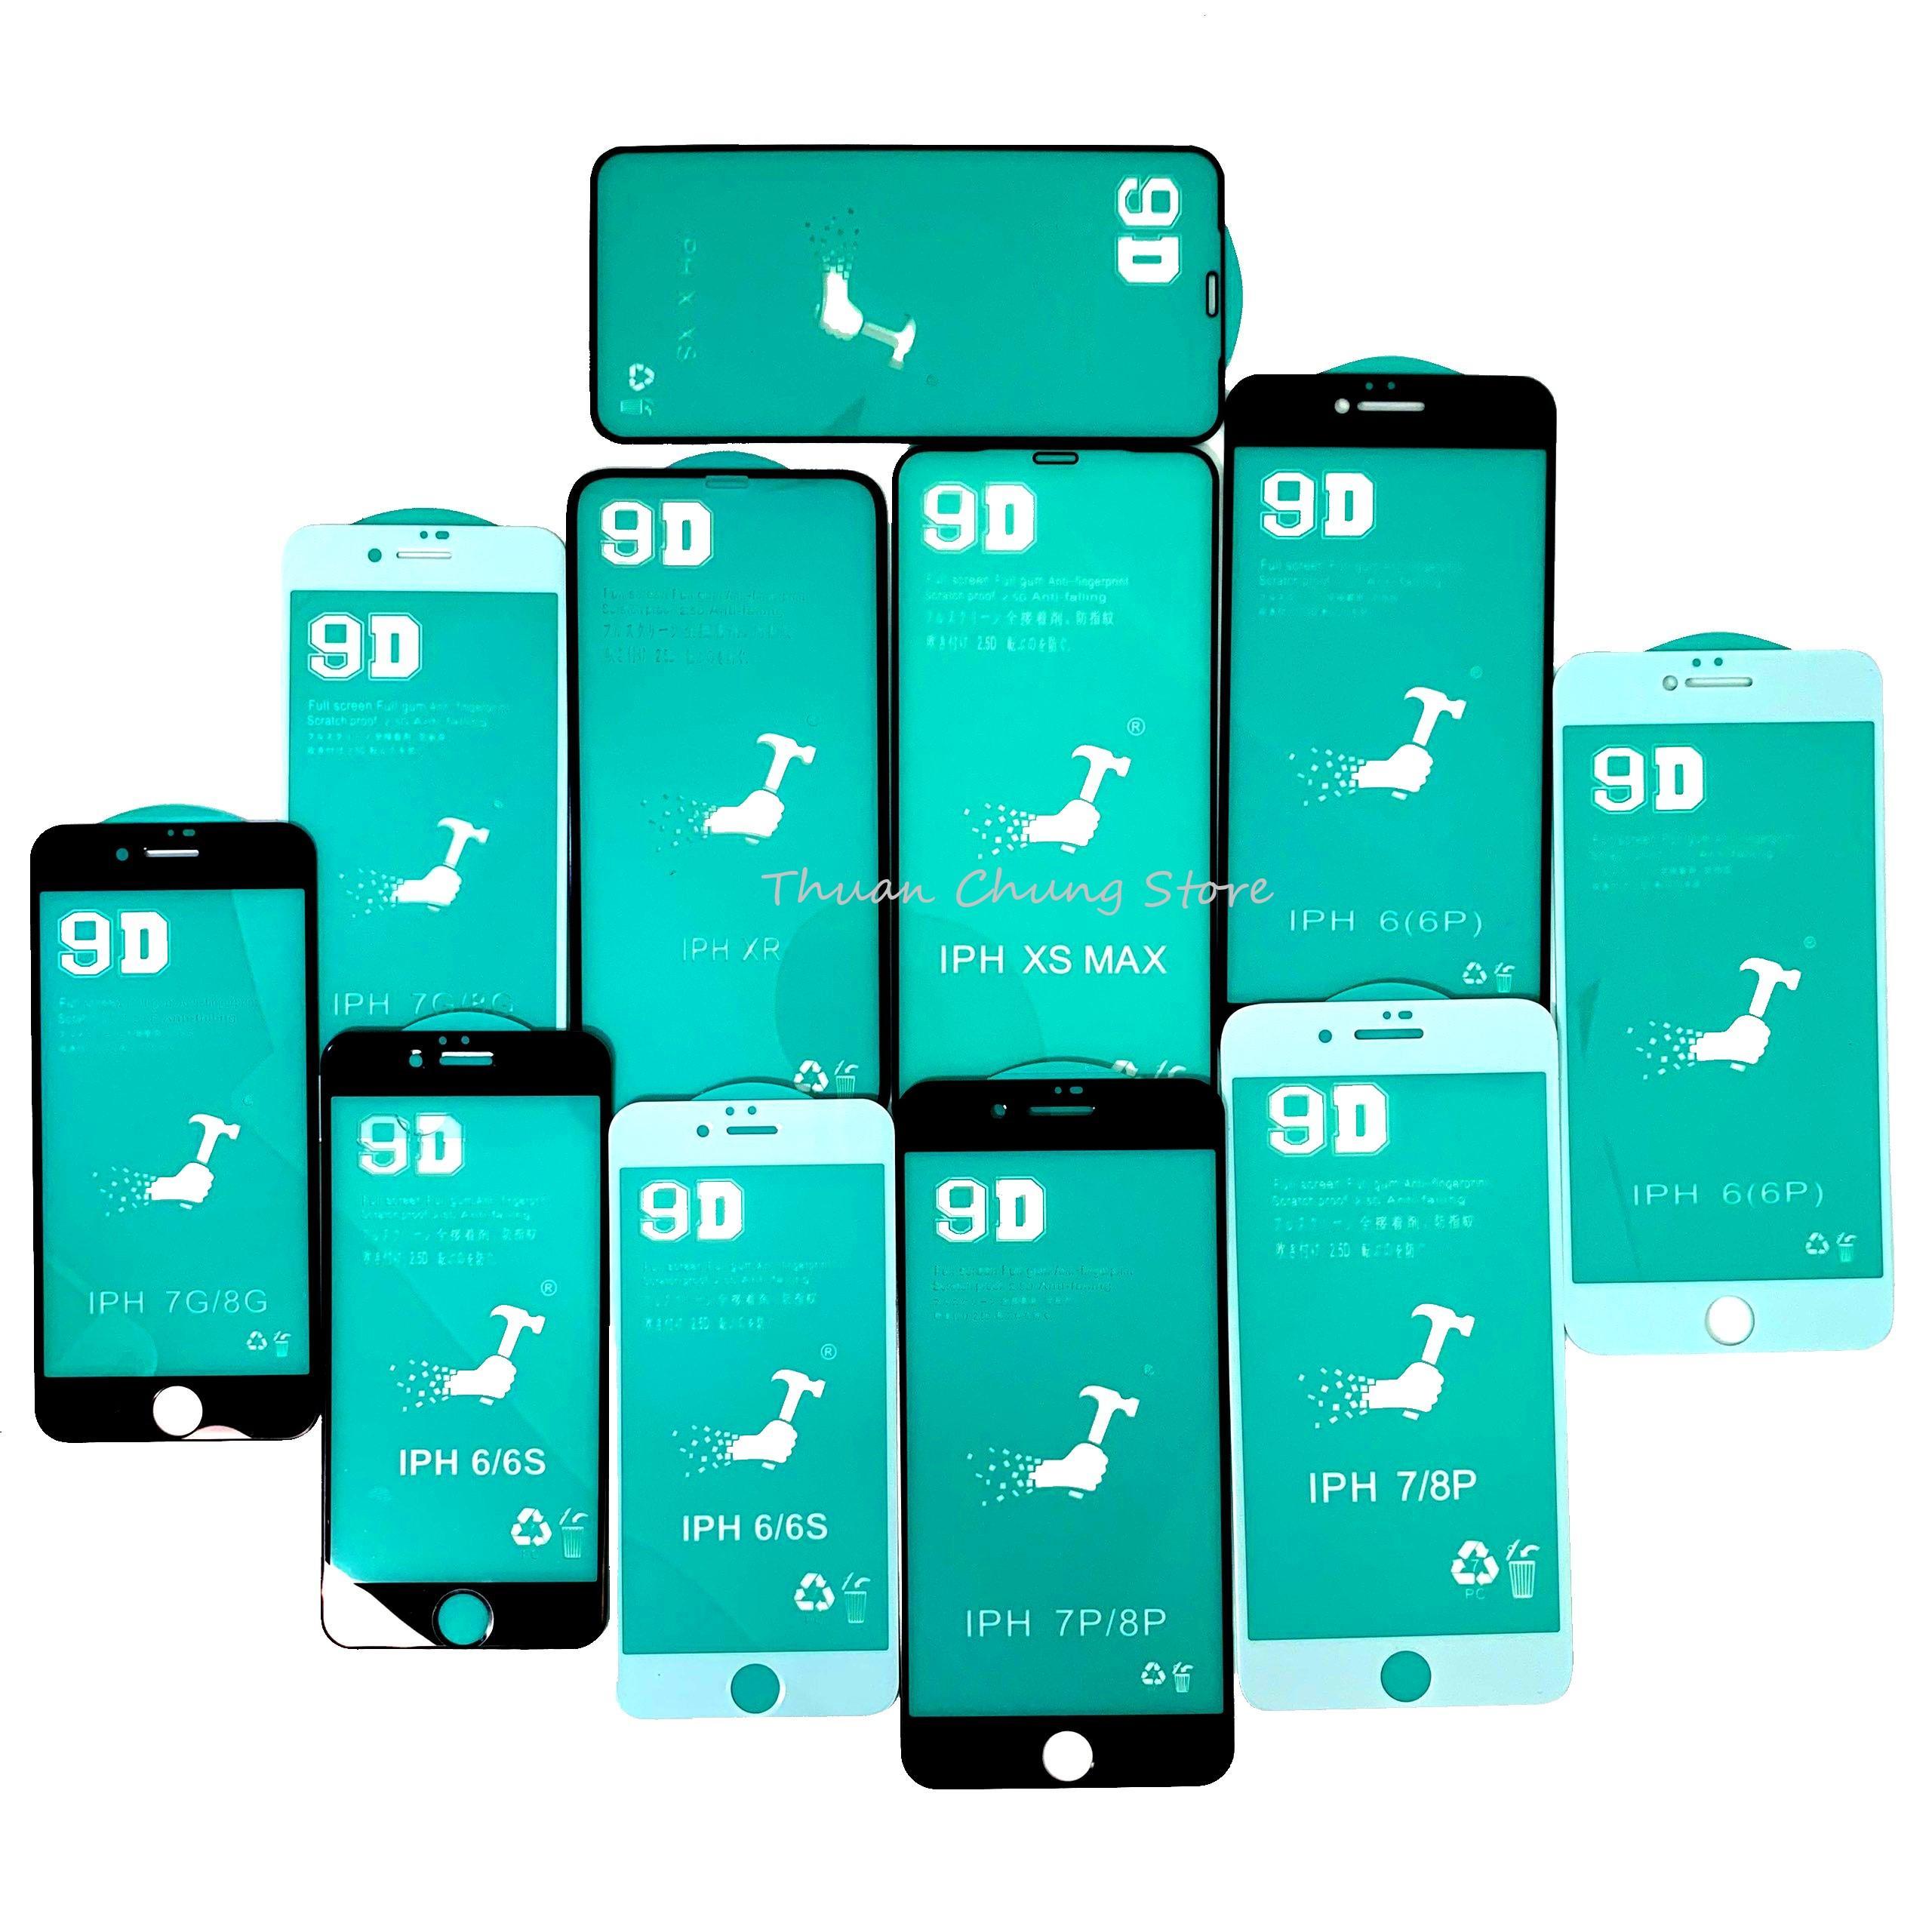 Kính Cường Lực 9D Dẻo Full Màn Hình Iphone 6,6s,7,8,x,6p,6sp,7p,8p,X, Xr, Xs Max, 11, 11 Pro, 11 Pro Max( Vui Lòng Chọn đúng Dòng điện Thoại + Màu Trong Mục Lựa Chọn)11Pro Max Có Giá Cực Kỳ Tiết Kiệm